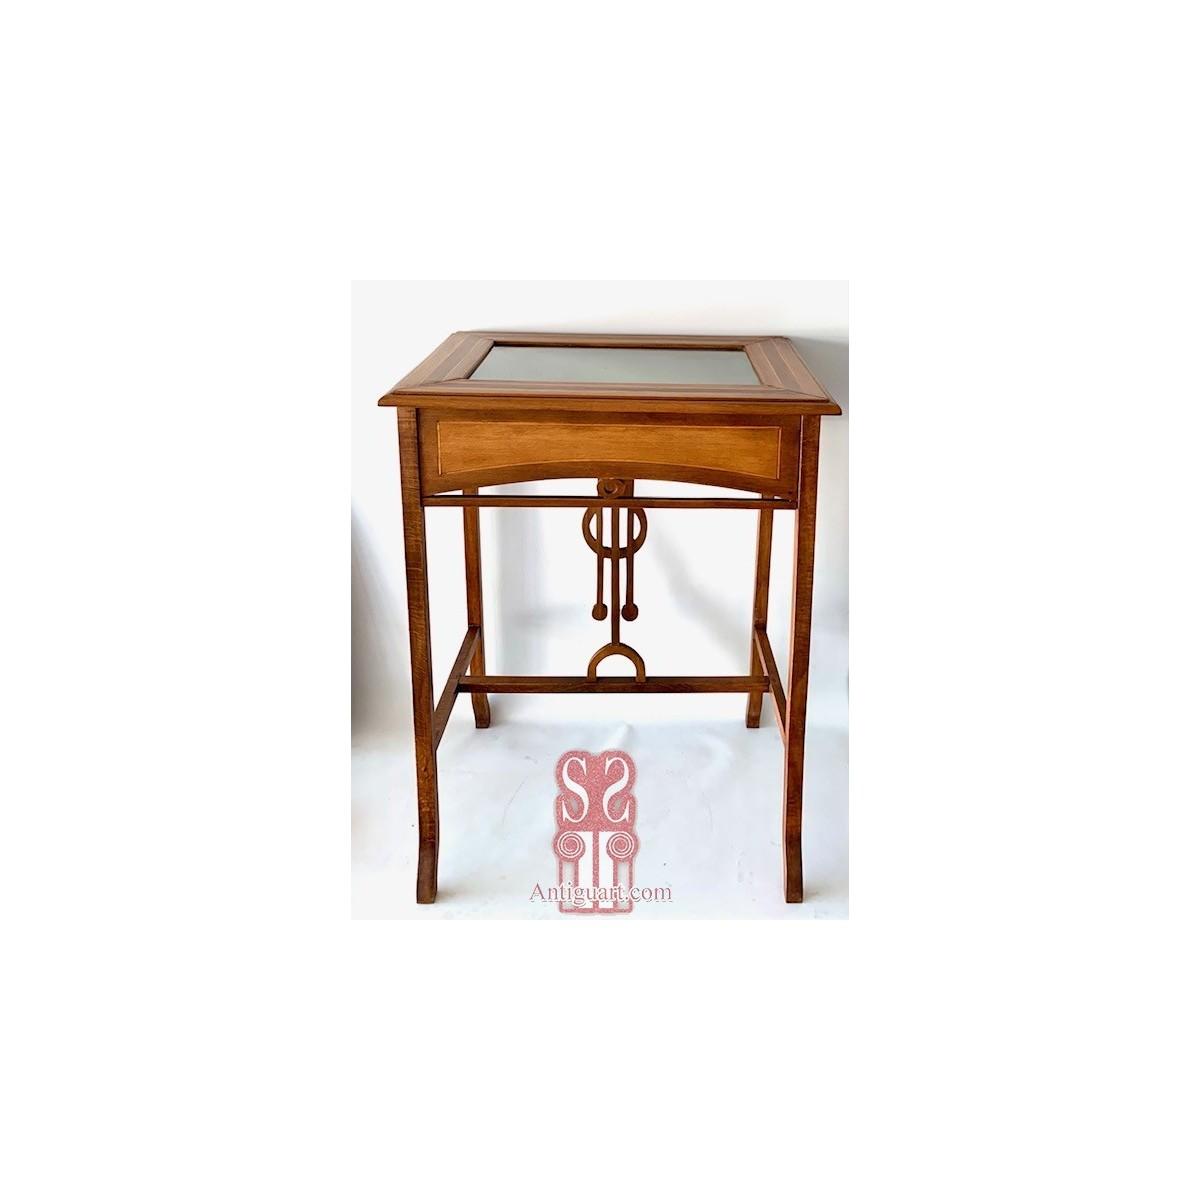 Art nouveau showcase table.